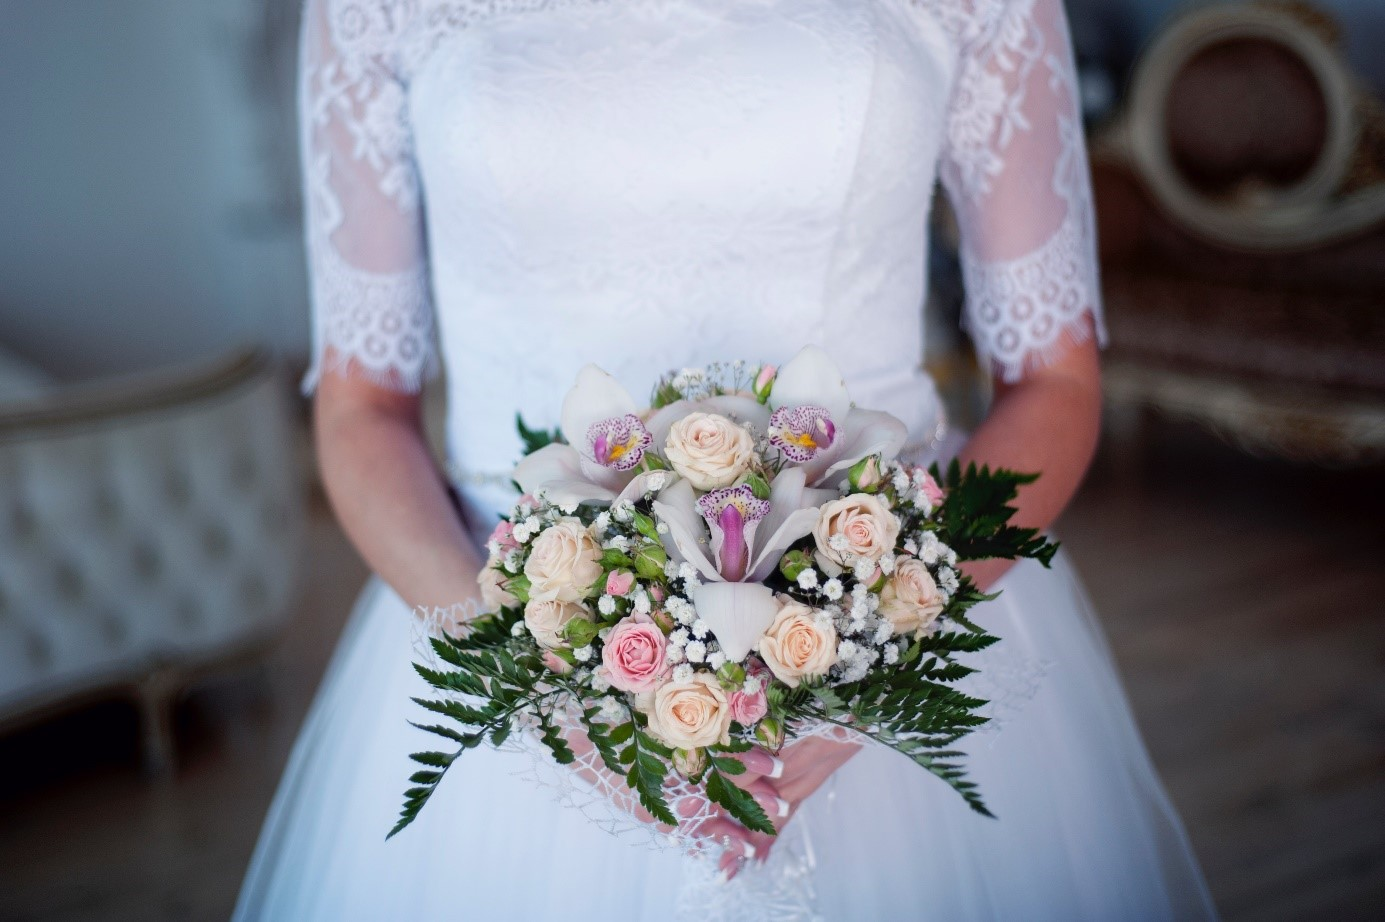 Budget bruidskleding